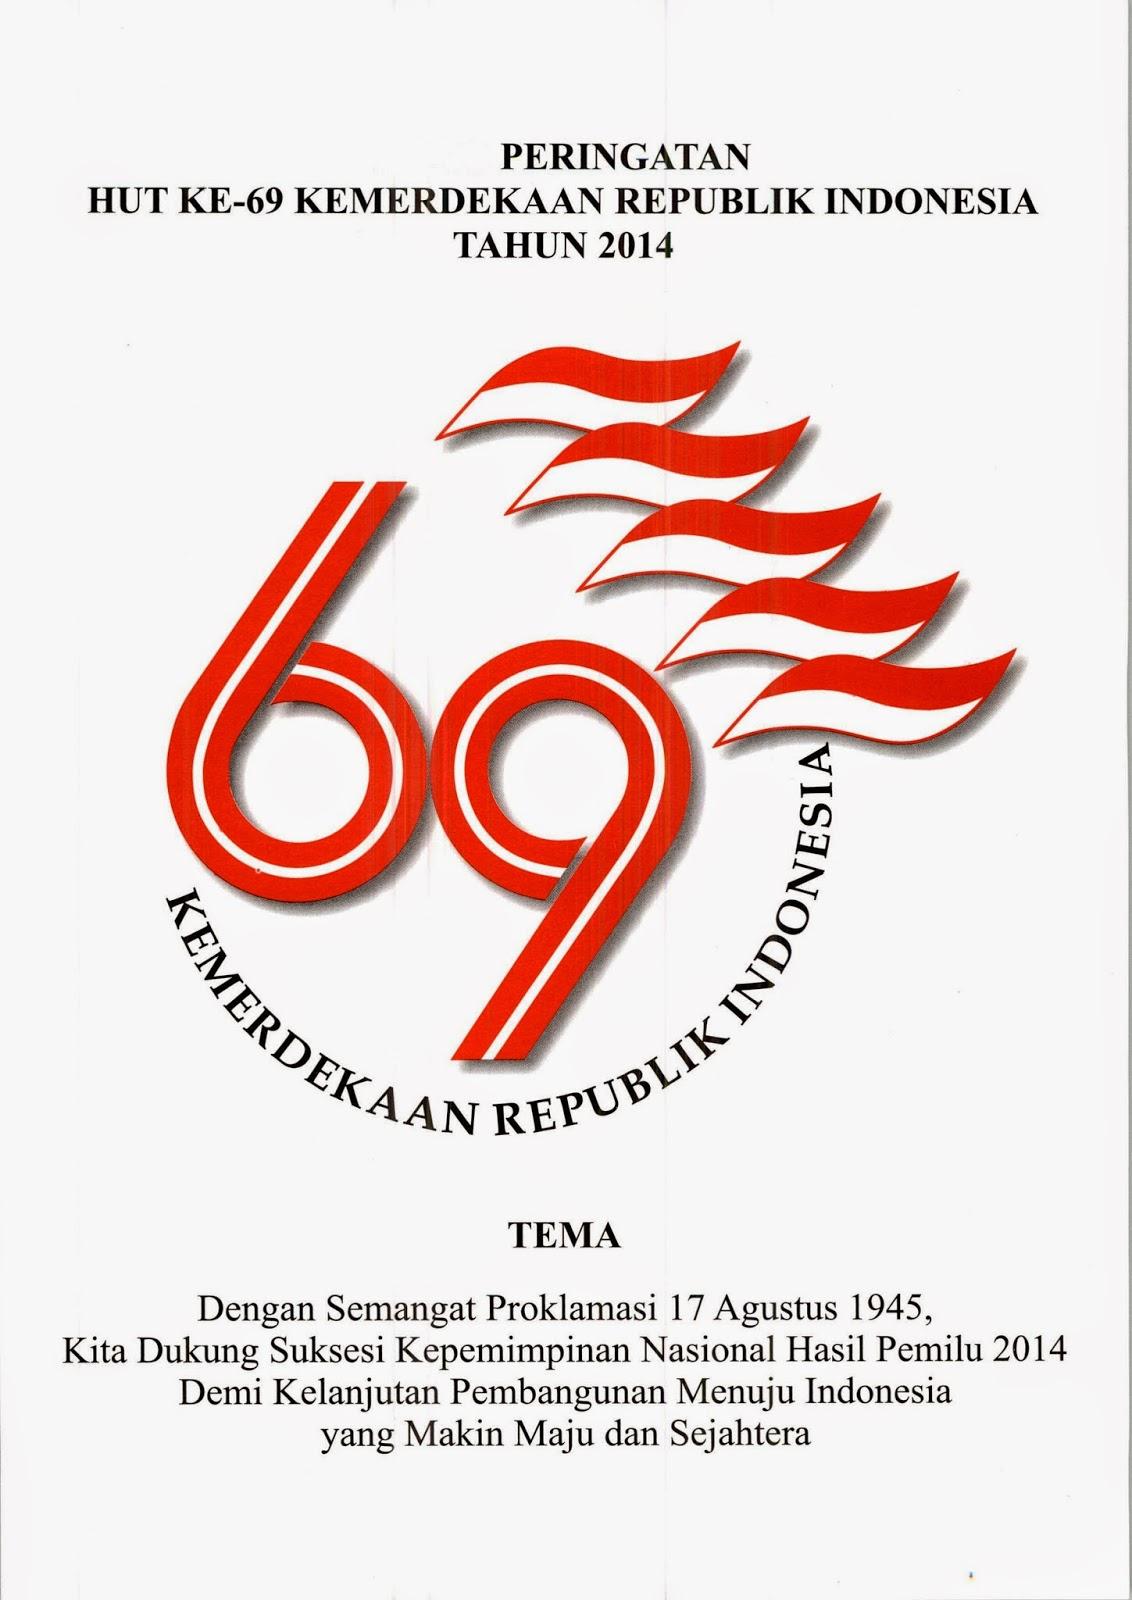 Kata Kata Mutiara Hari Kemerdekaan RI Ke 70 Untuk 17 ...